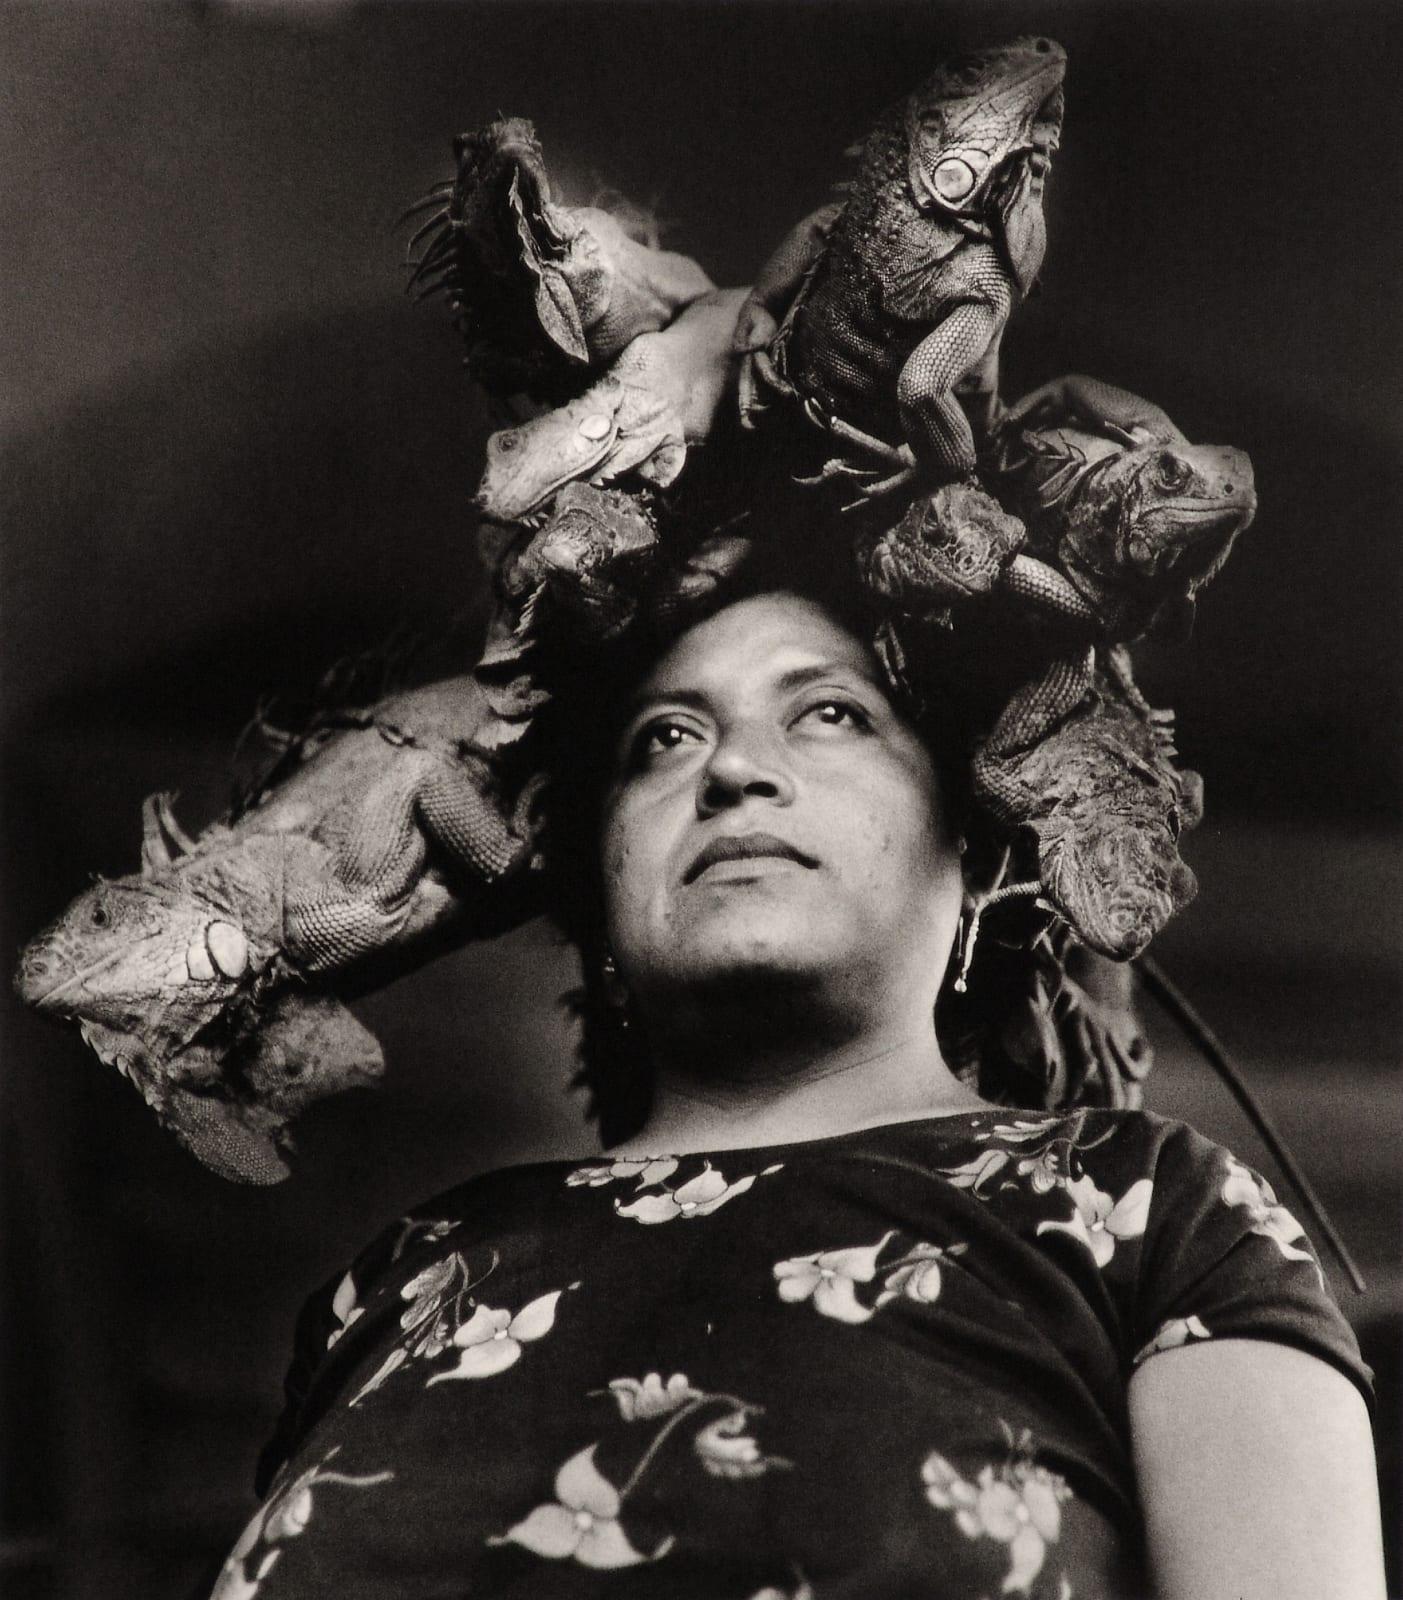 Graciela Iturbide - Nuestra Señora de las Iguanas, Juchitán, Mexico, 1979